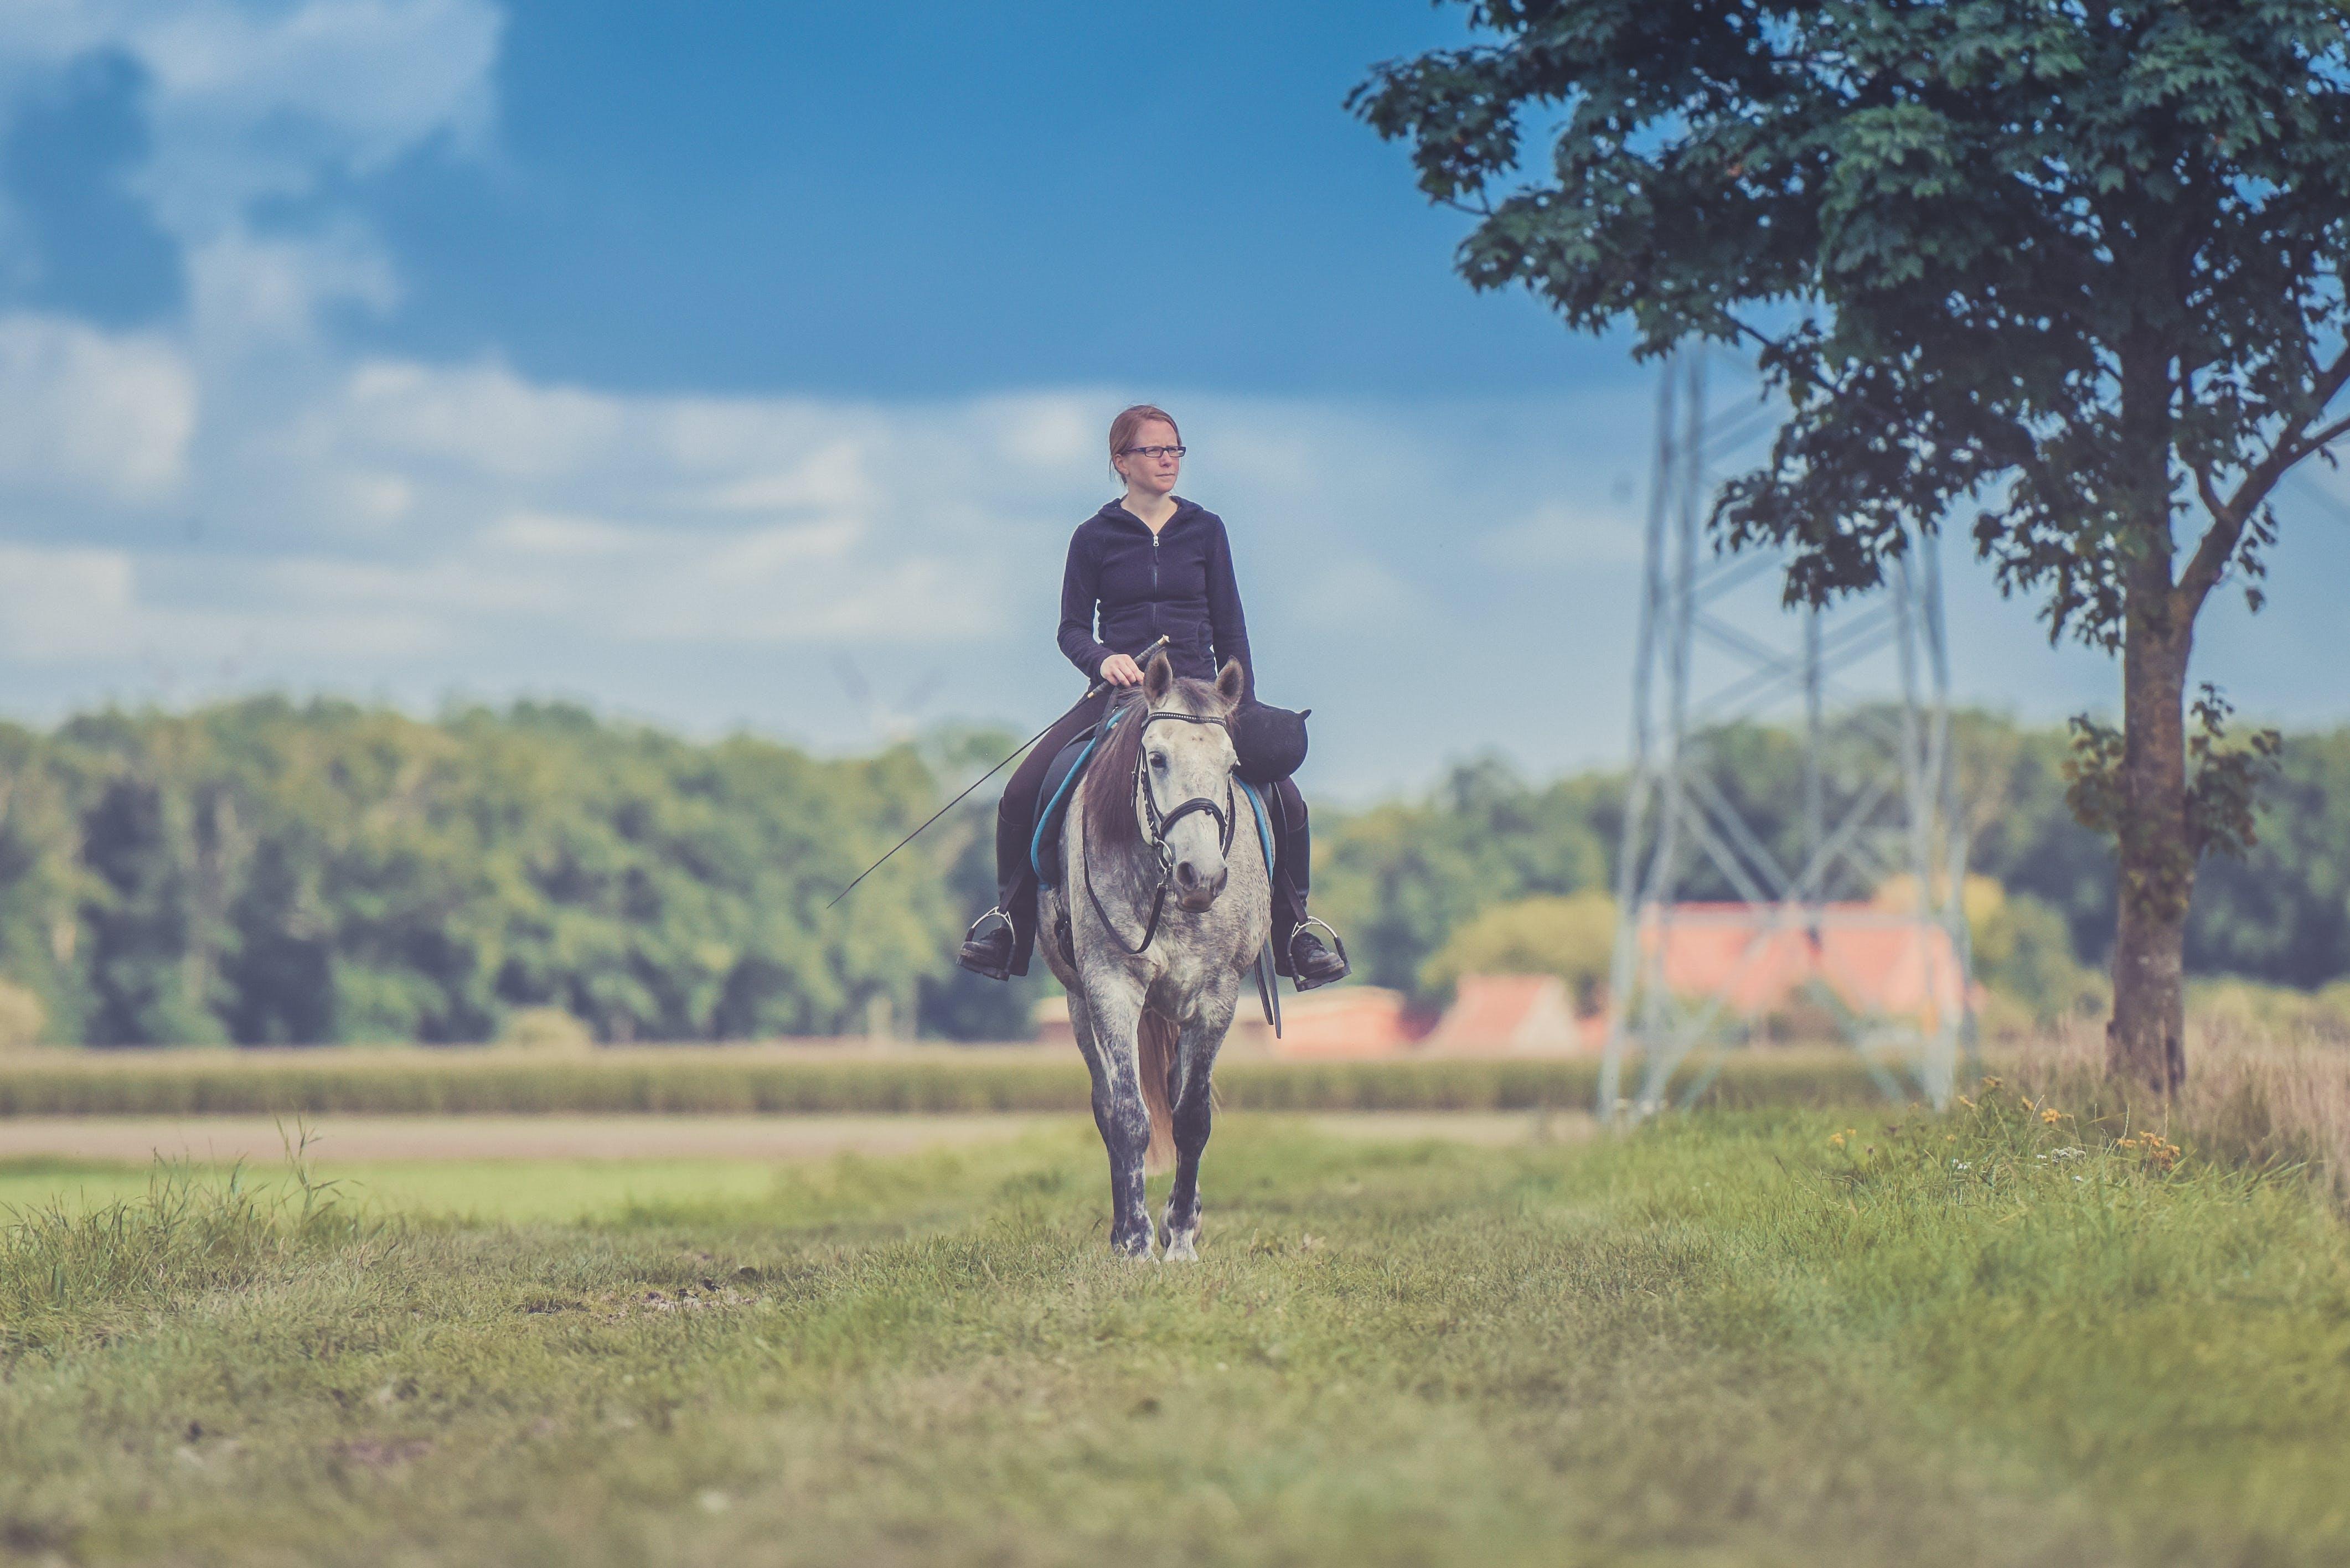 Woman Riding Horse Near Tree